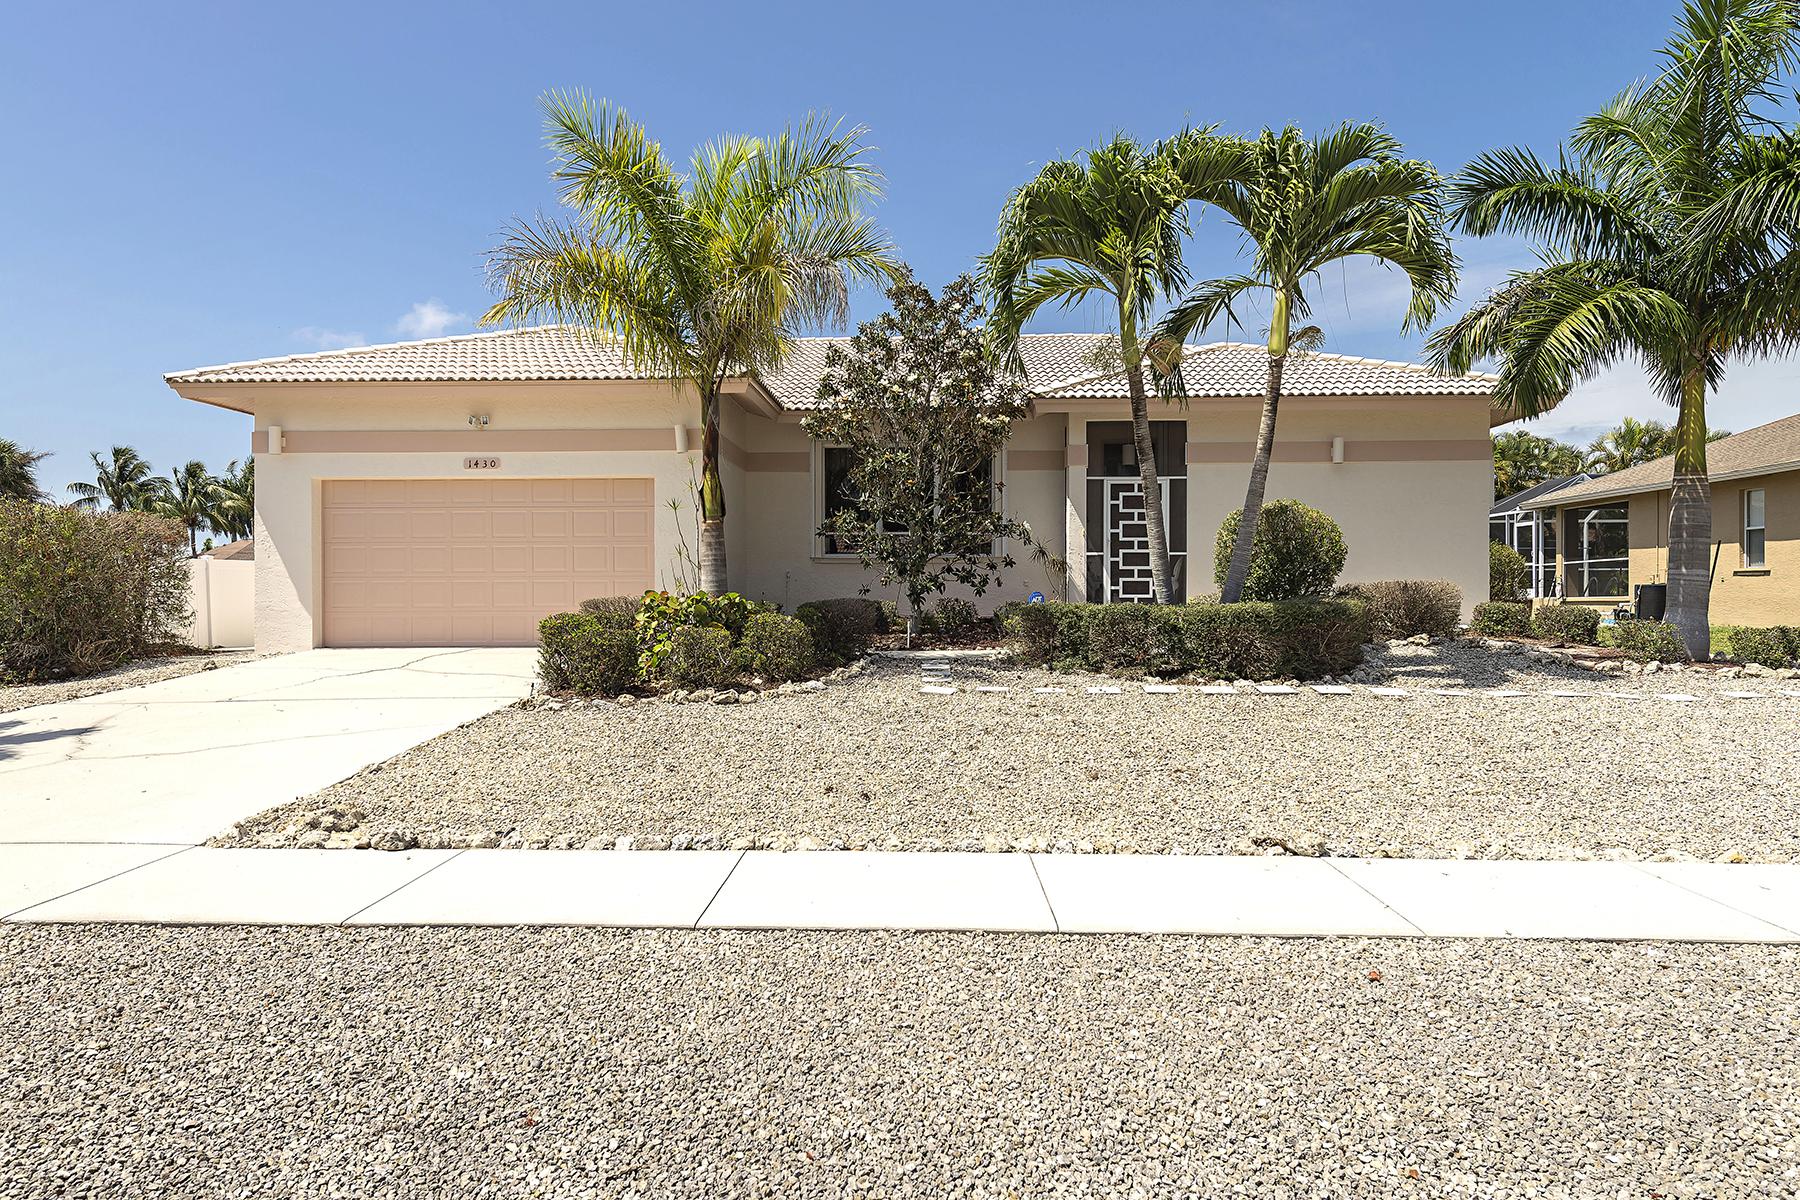 獨棟家庭住宅 為 出售 在 MARCO ISLAND - GALLEON AVE 1430 Galleon Ave Marco Island, 佛羅里達州 34145 美國